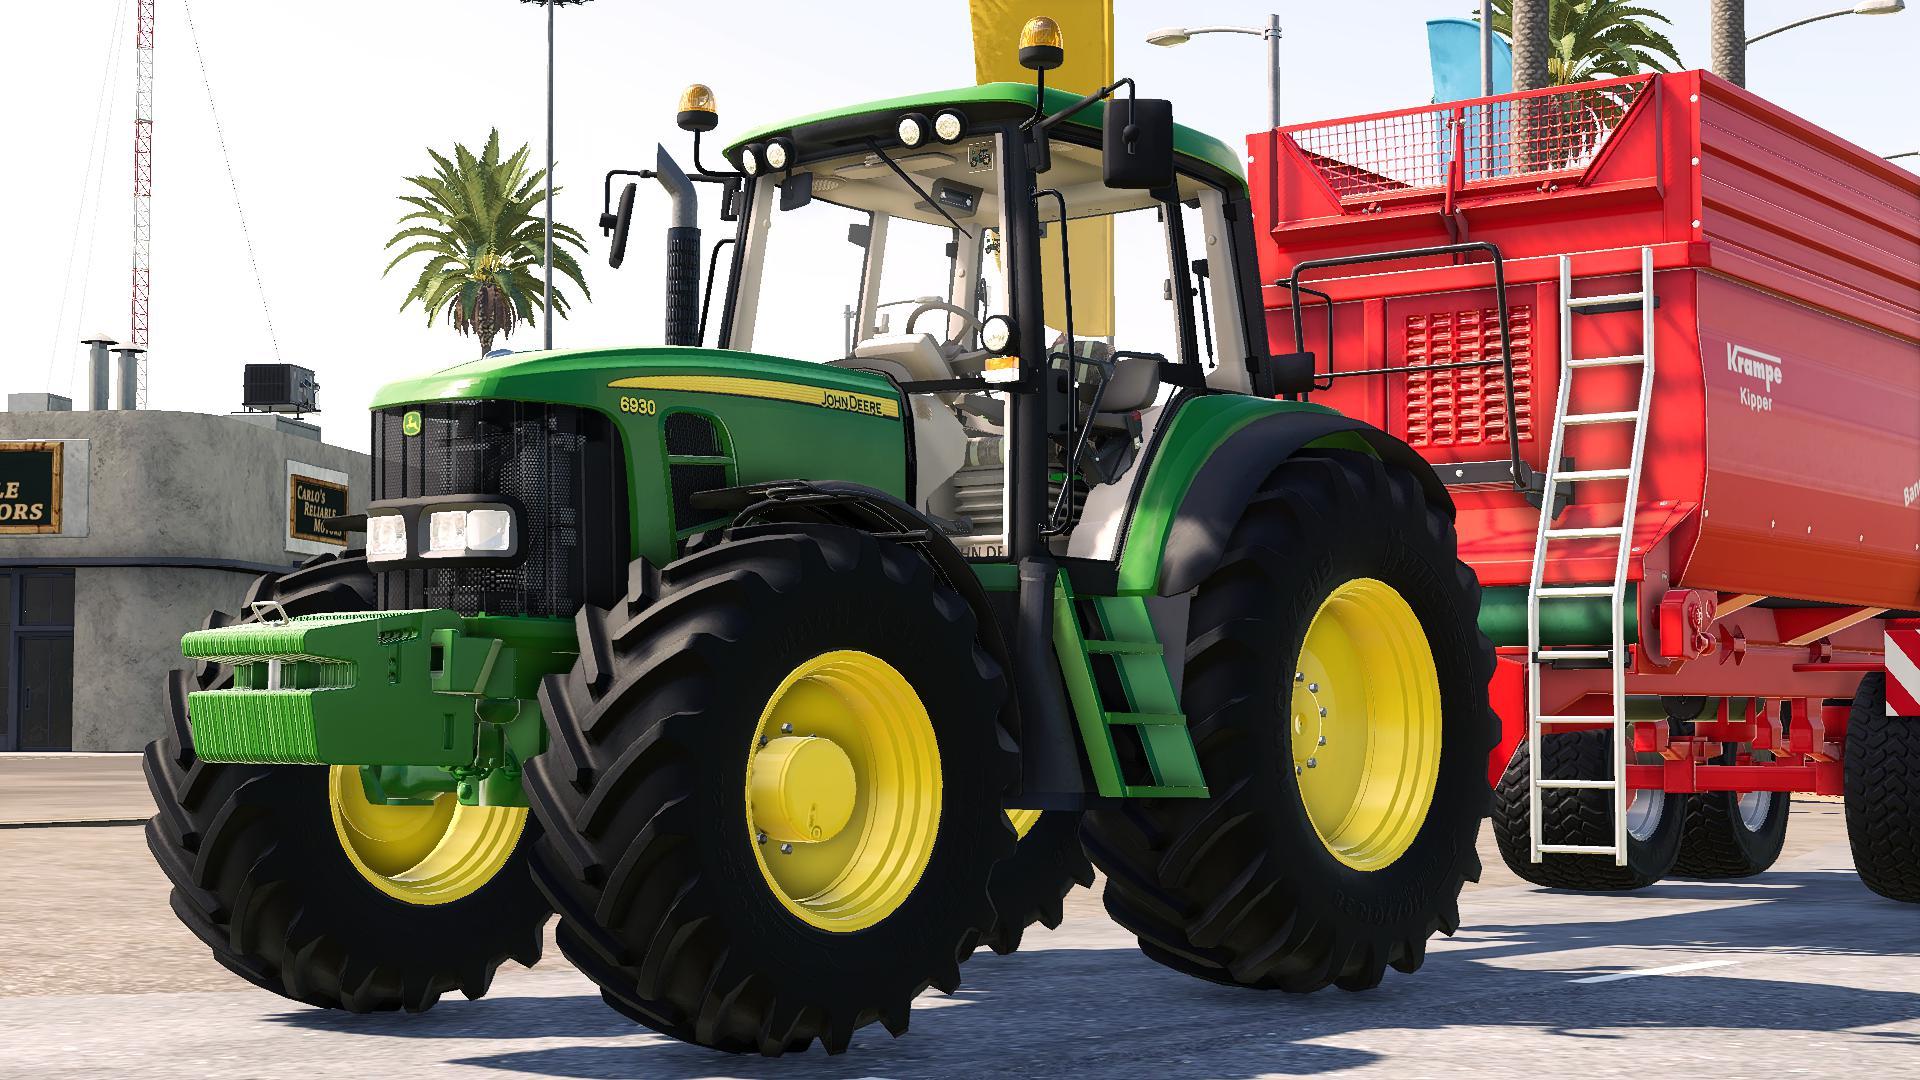 FS19 - John Deere 6030 Tractor V1.0